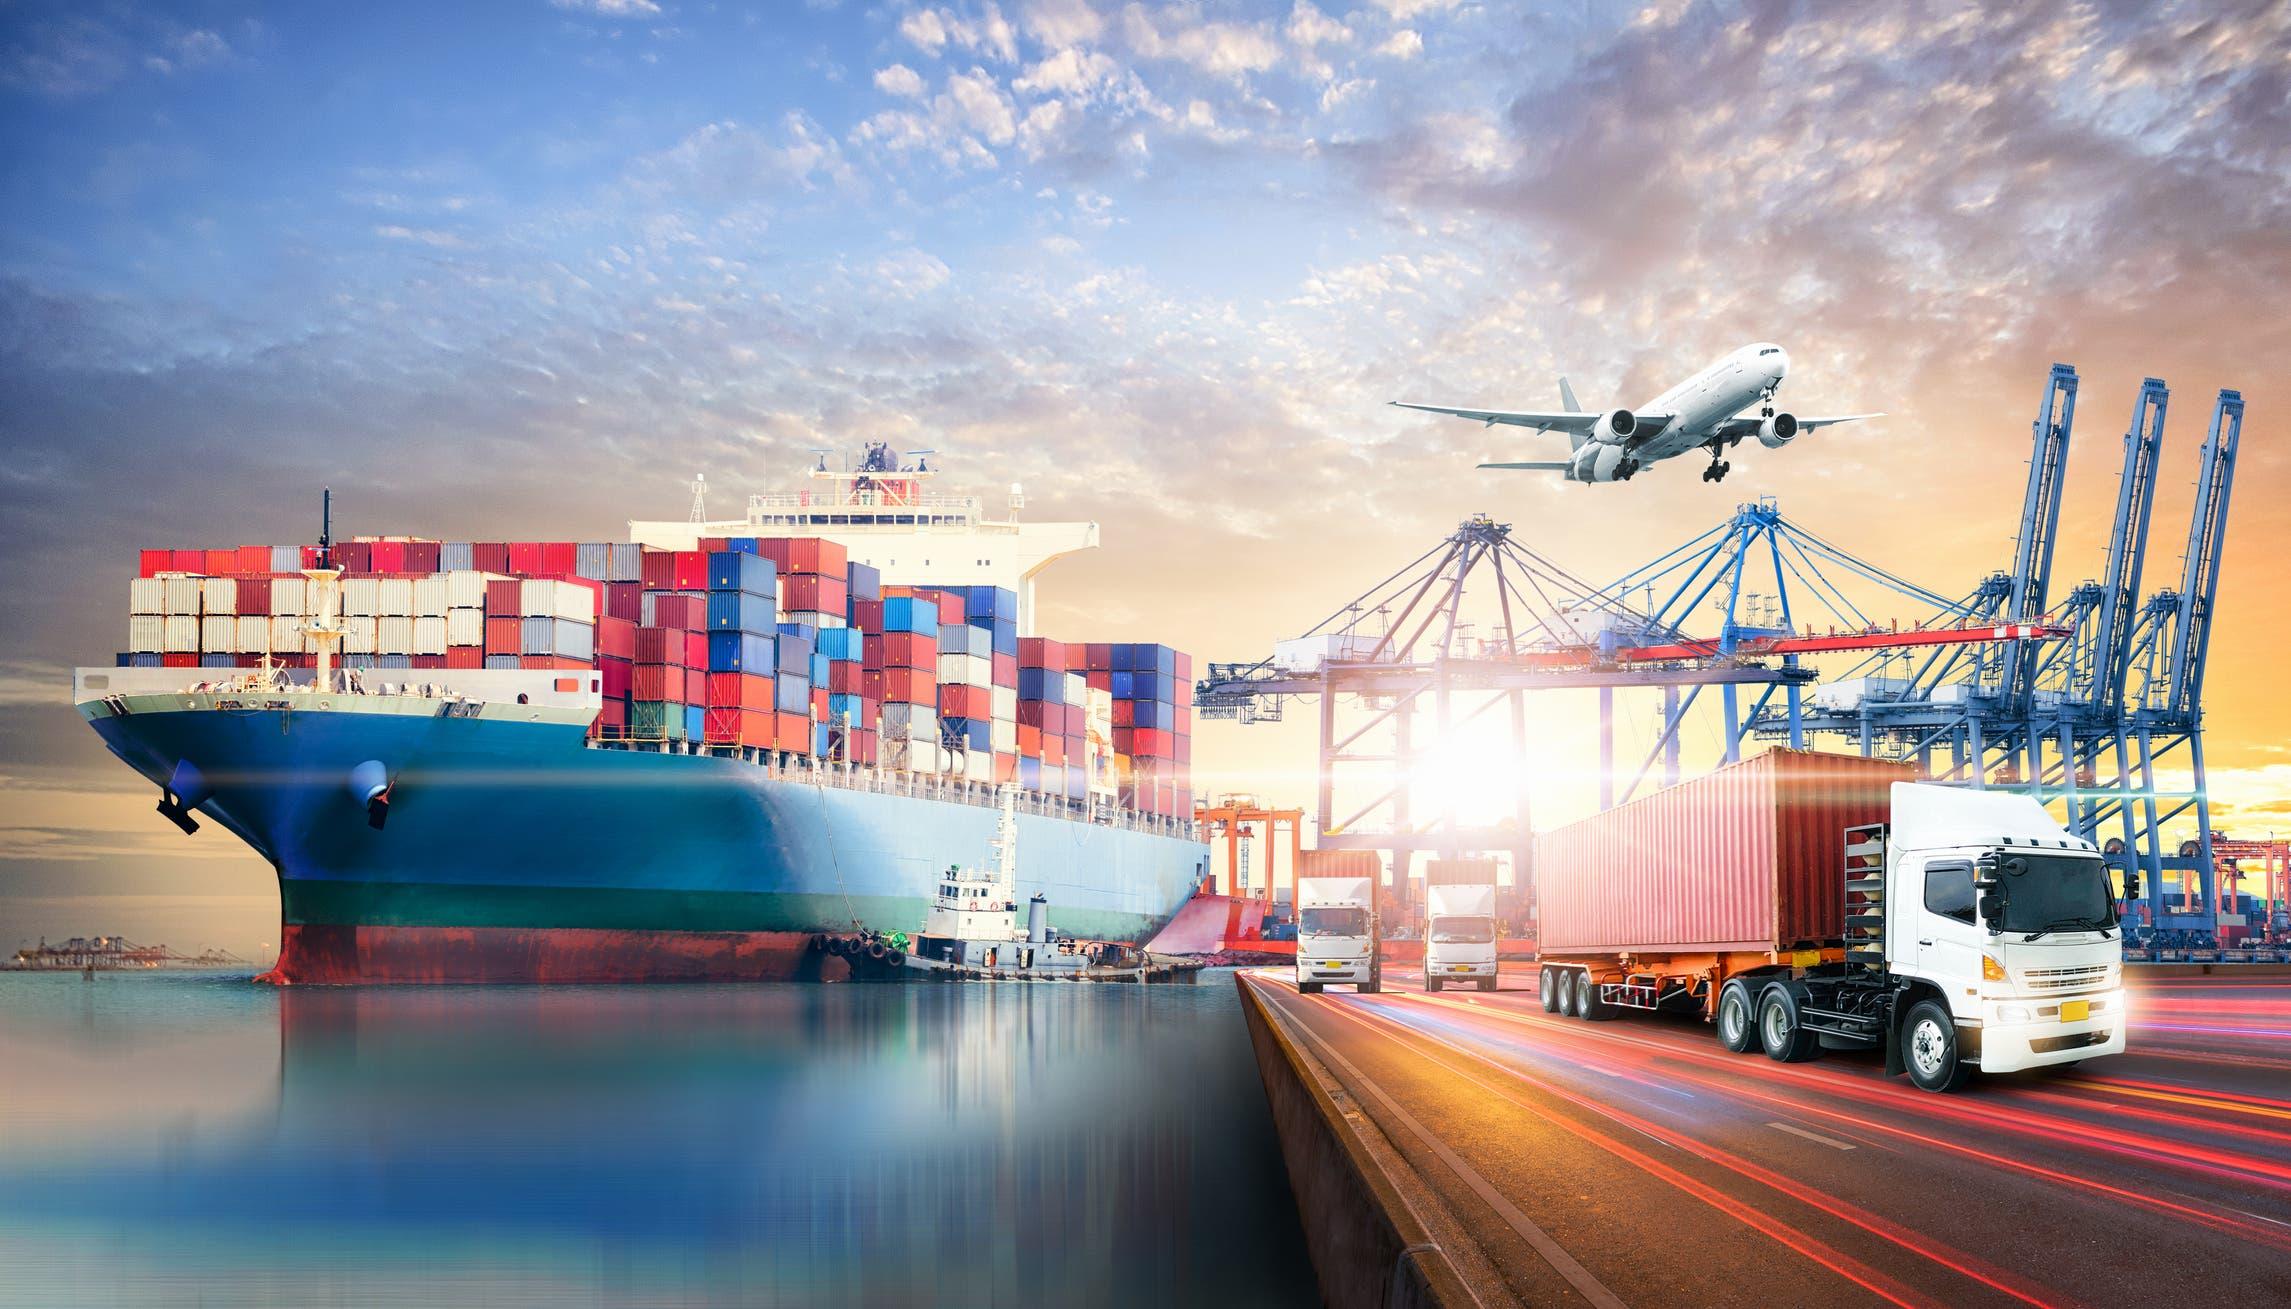 تمثل التجارة البحرية حوالي 70% من قيمة التجارة العالمية